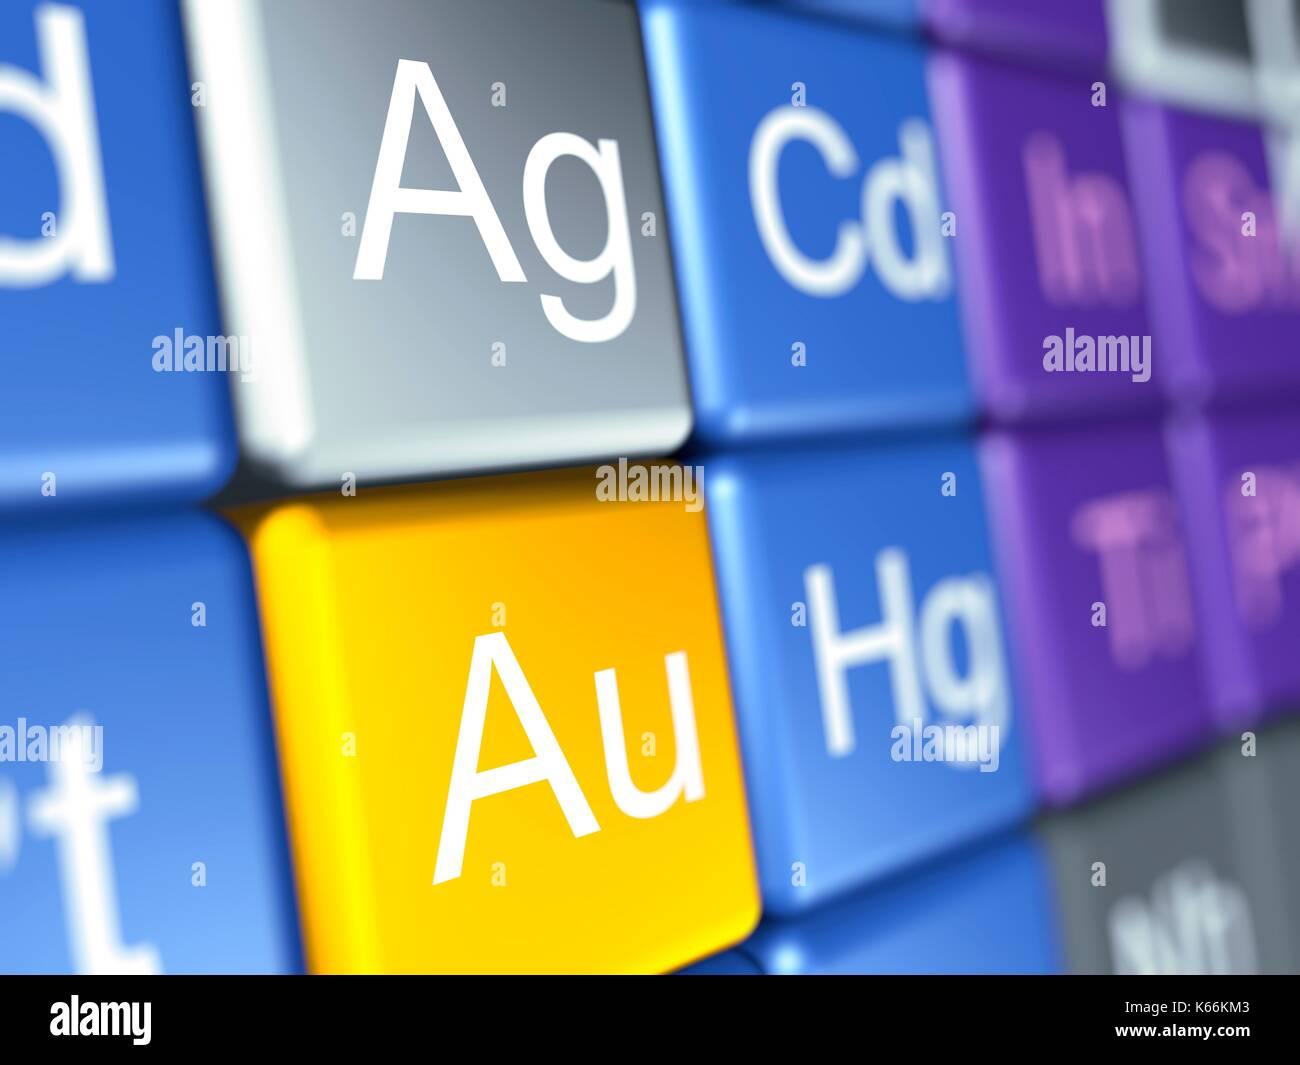 Equipo ilustraciones de un close up de la tabla peridica de los equipo ilustraciones de un close up de la tabla peridica de los elementos qumicos se centr en la plata agargentum y oro auaurum urtaz Image collections